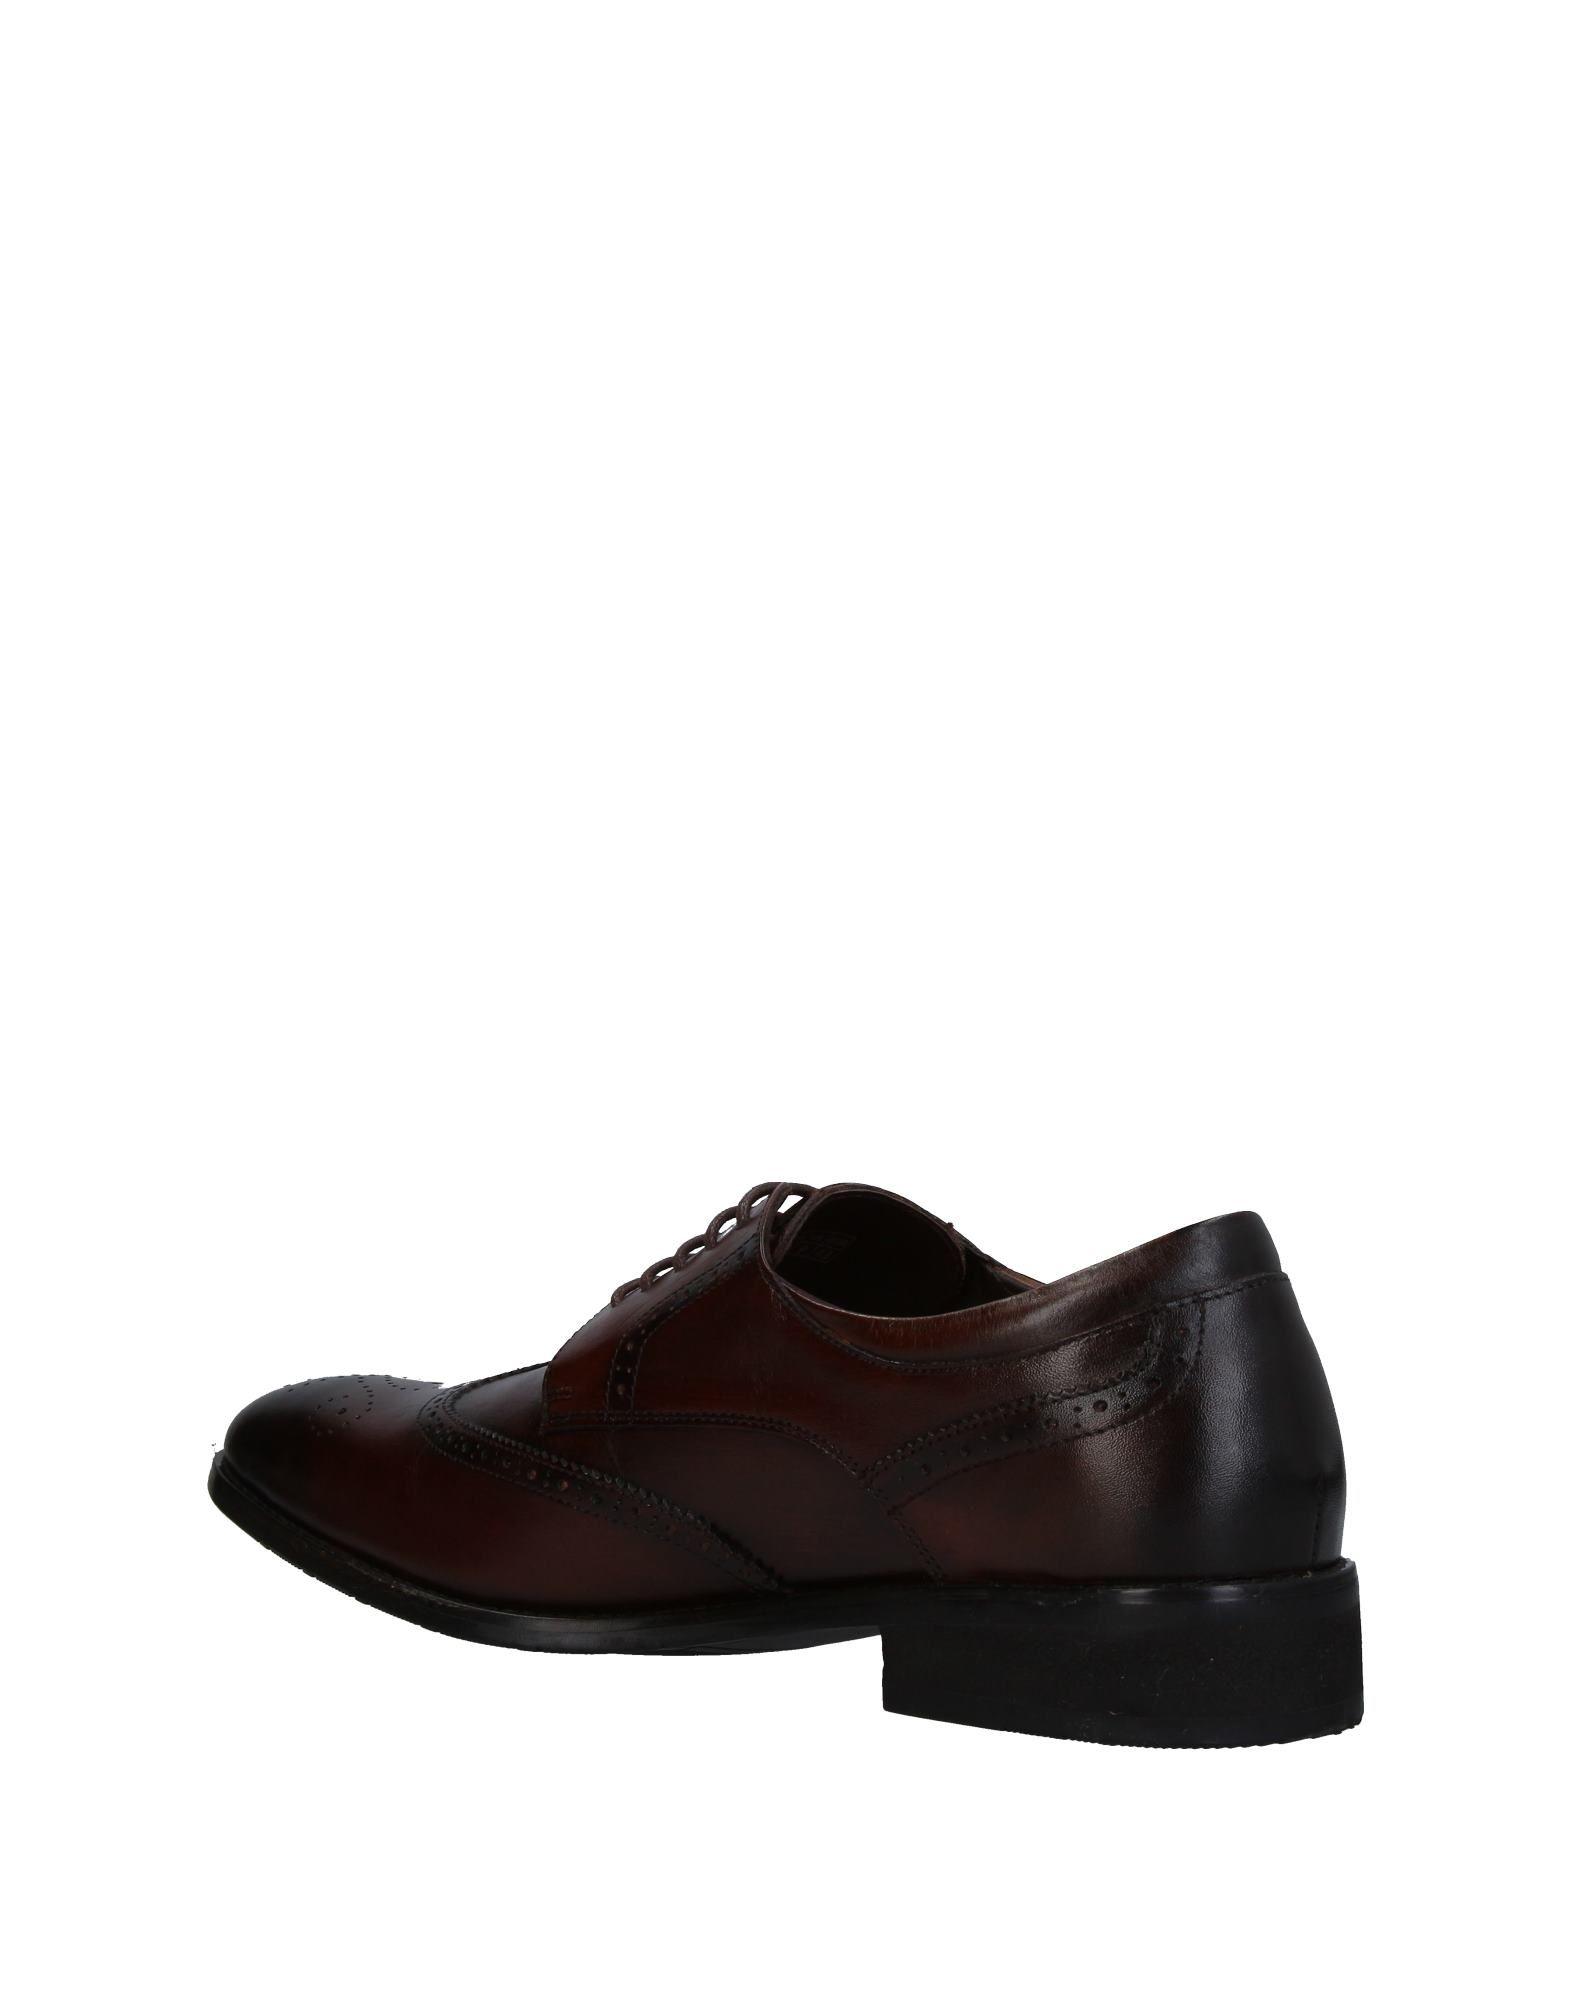 Rabatt echte Schuhe Schuhe echte Cantarelli Schnürschuhe Herren  11407513BO 7bcbb8